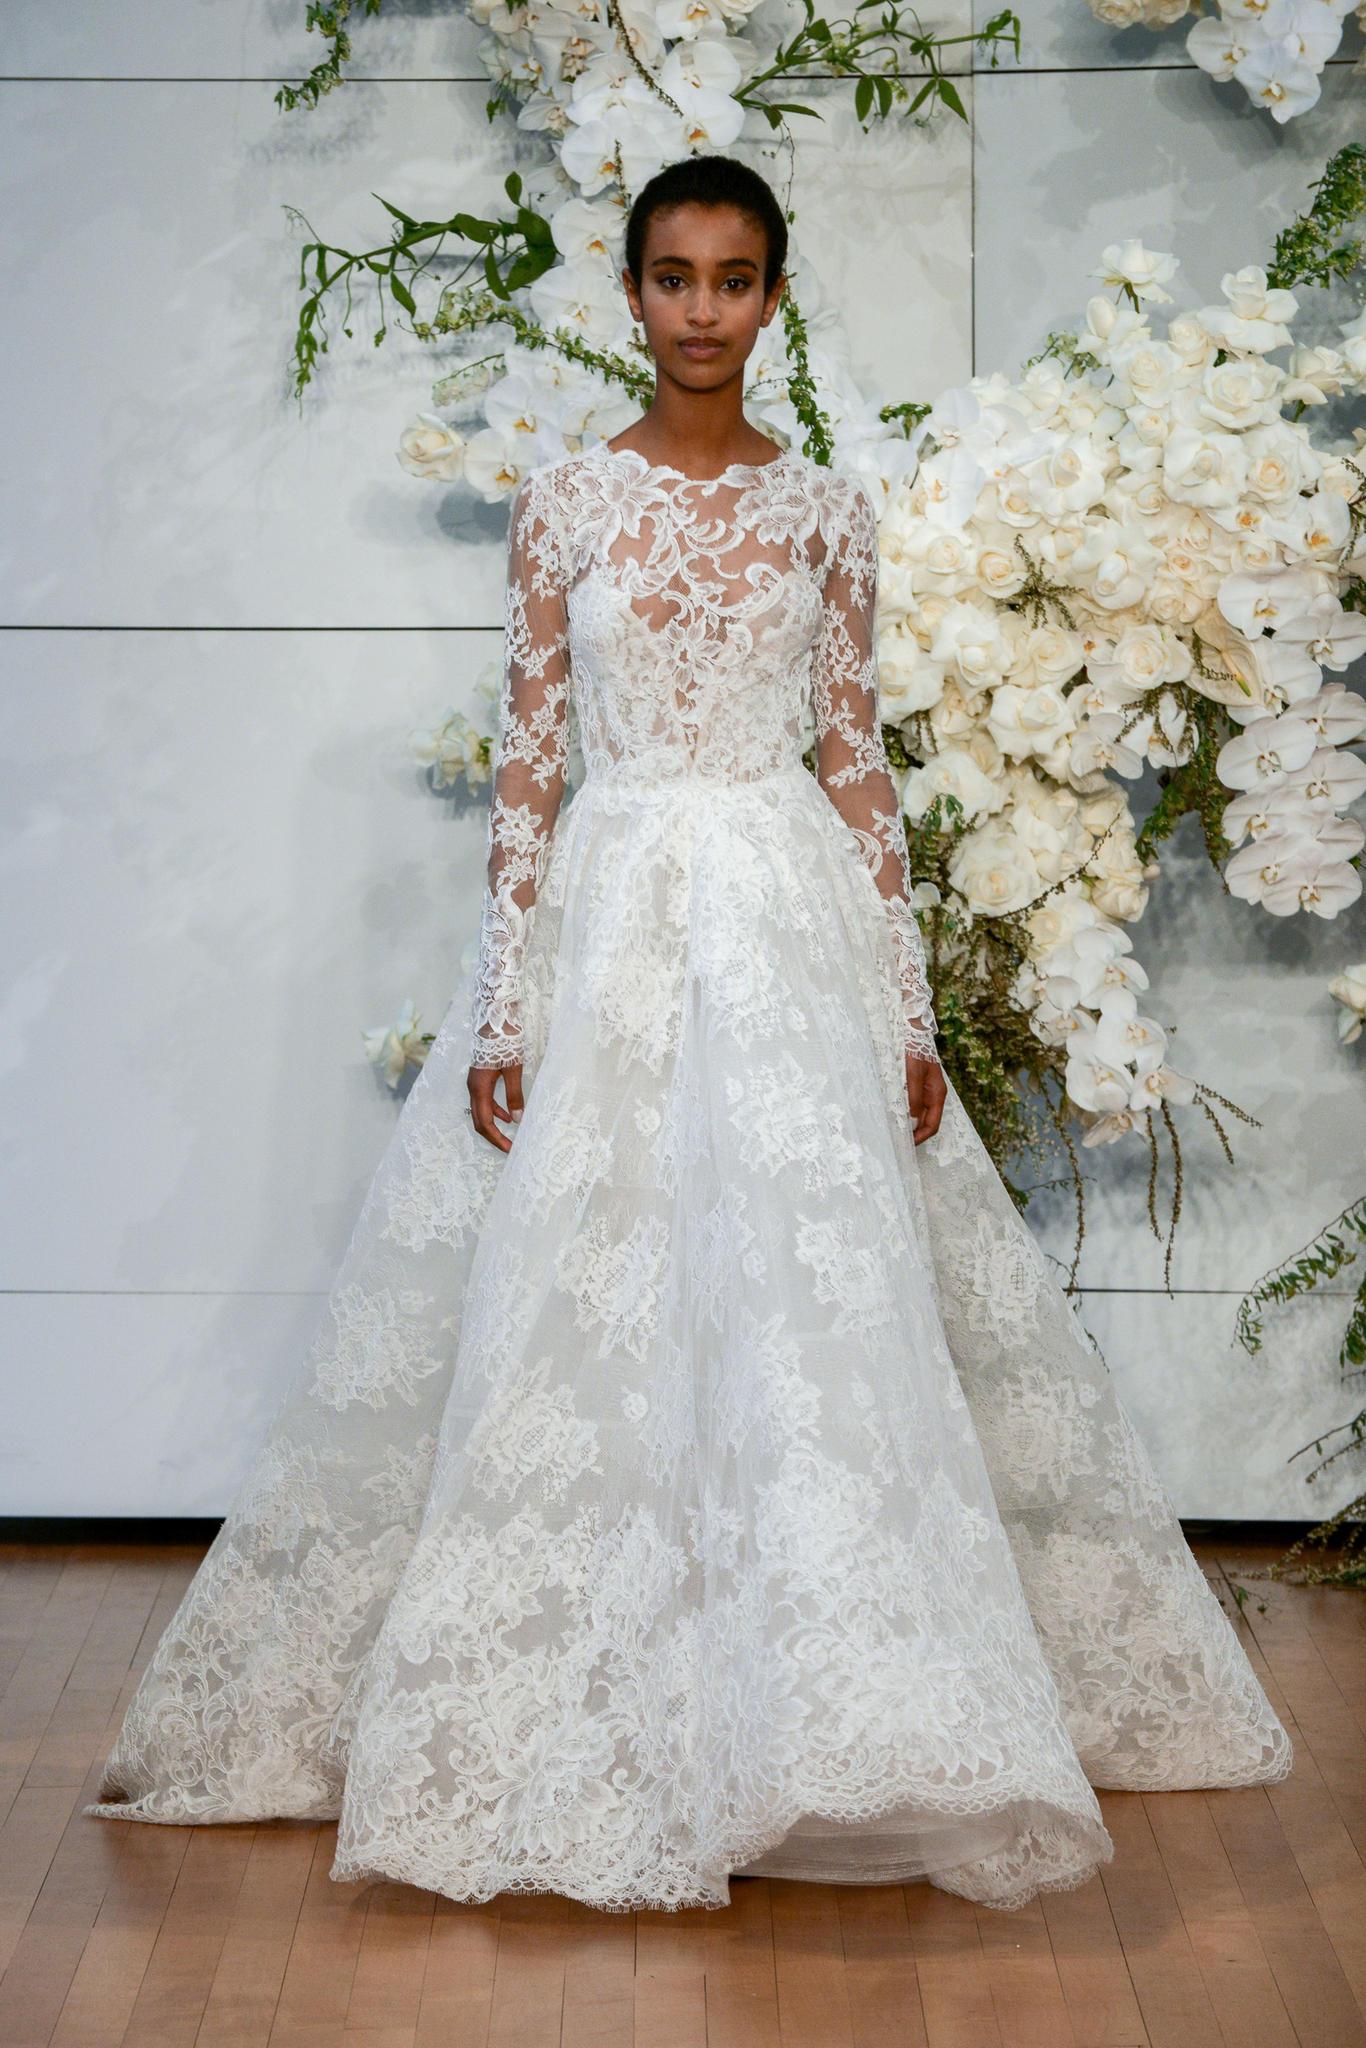 Brautkleider-Trends 2018: Kleider in A-Linie bei Monique Lhuillier